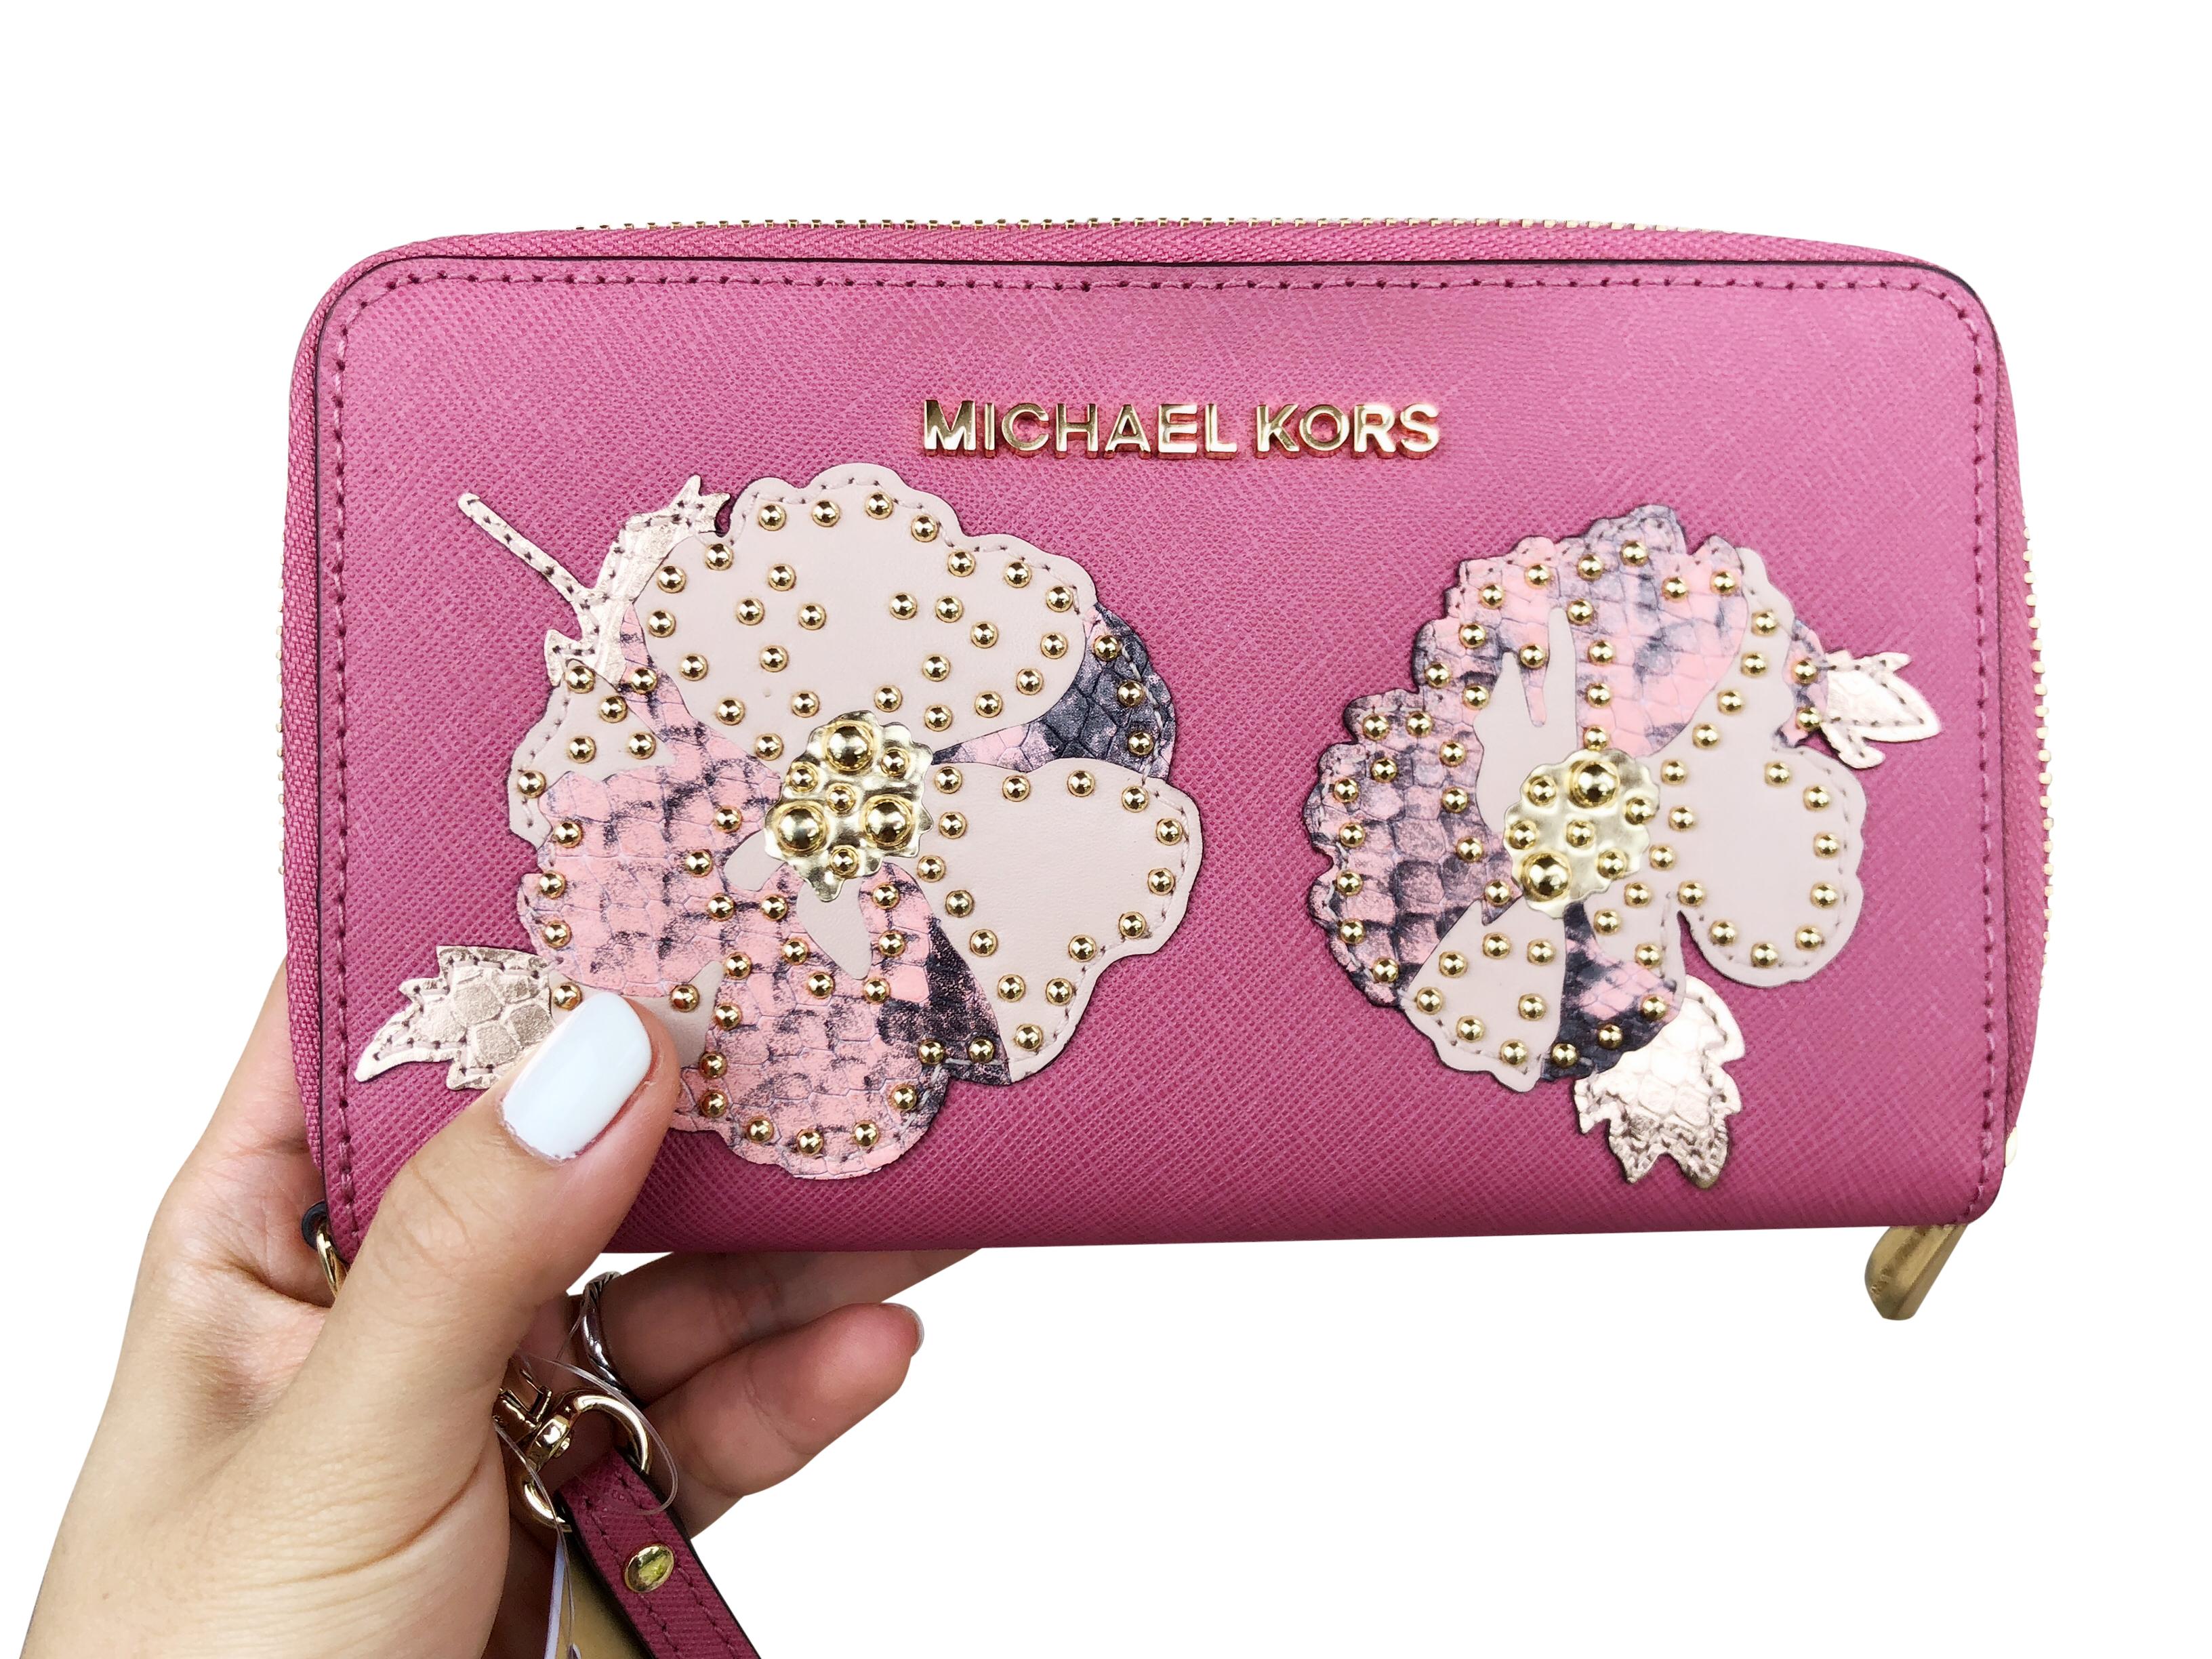 04c7272c0865 Michael Kors Jet Set Travel Wallet Phone Wristlet Tulip Pink Floral Studded